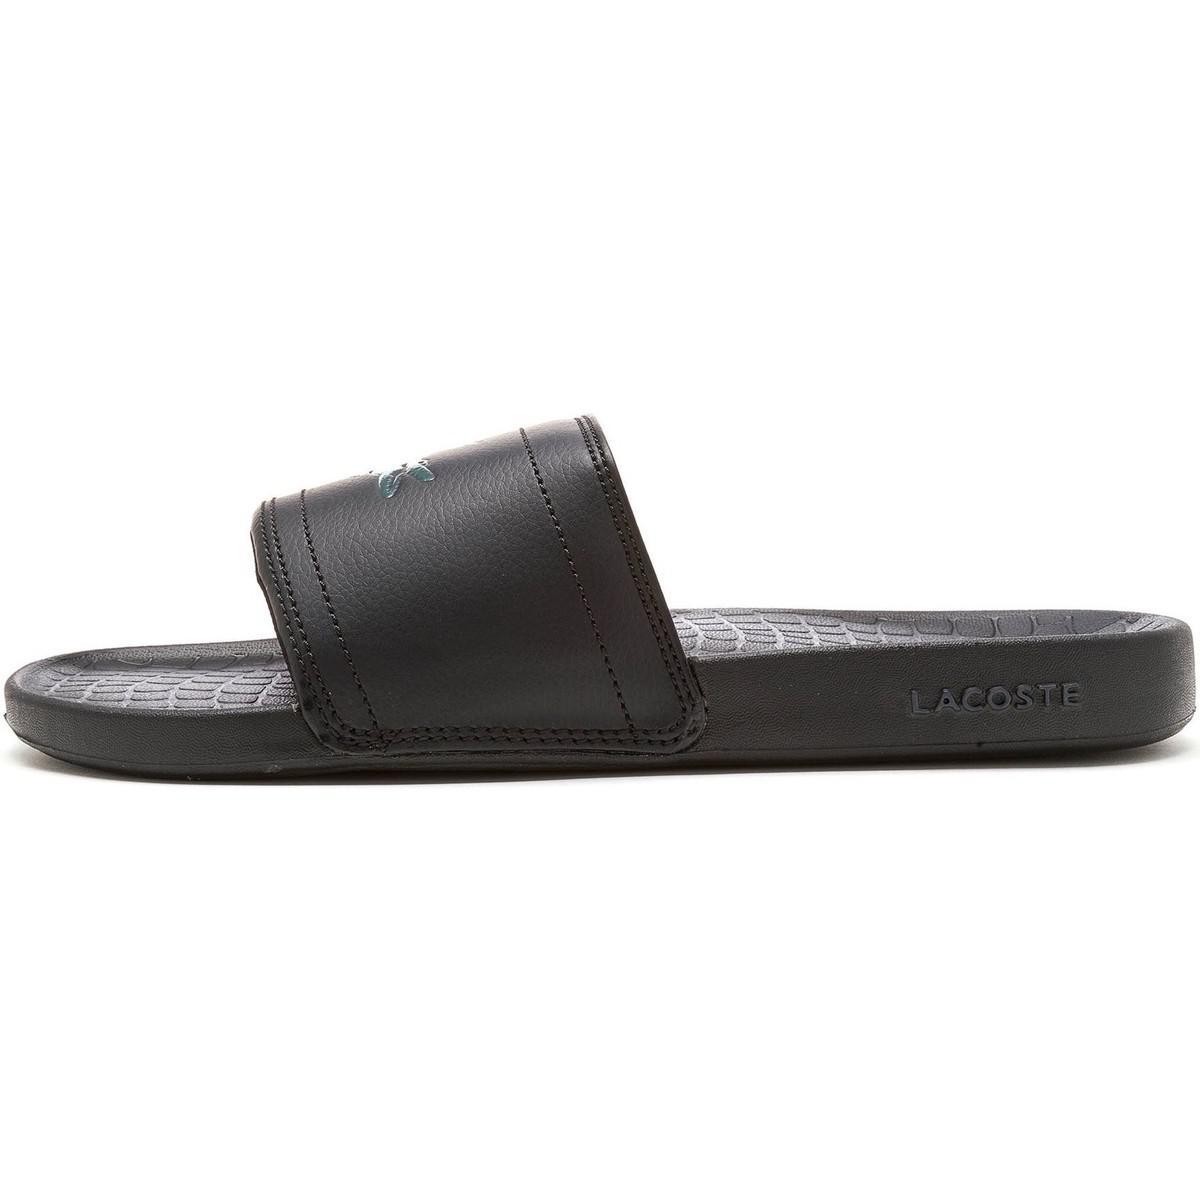 cc528262b Lacoste Fraisier Brd1 Us Spm Slide Pool Beach Sandals In Black ...